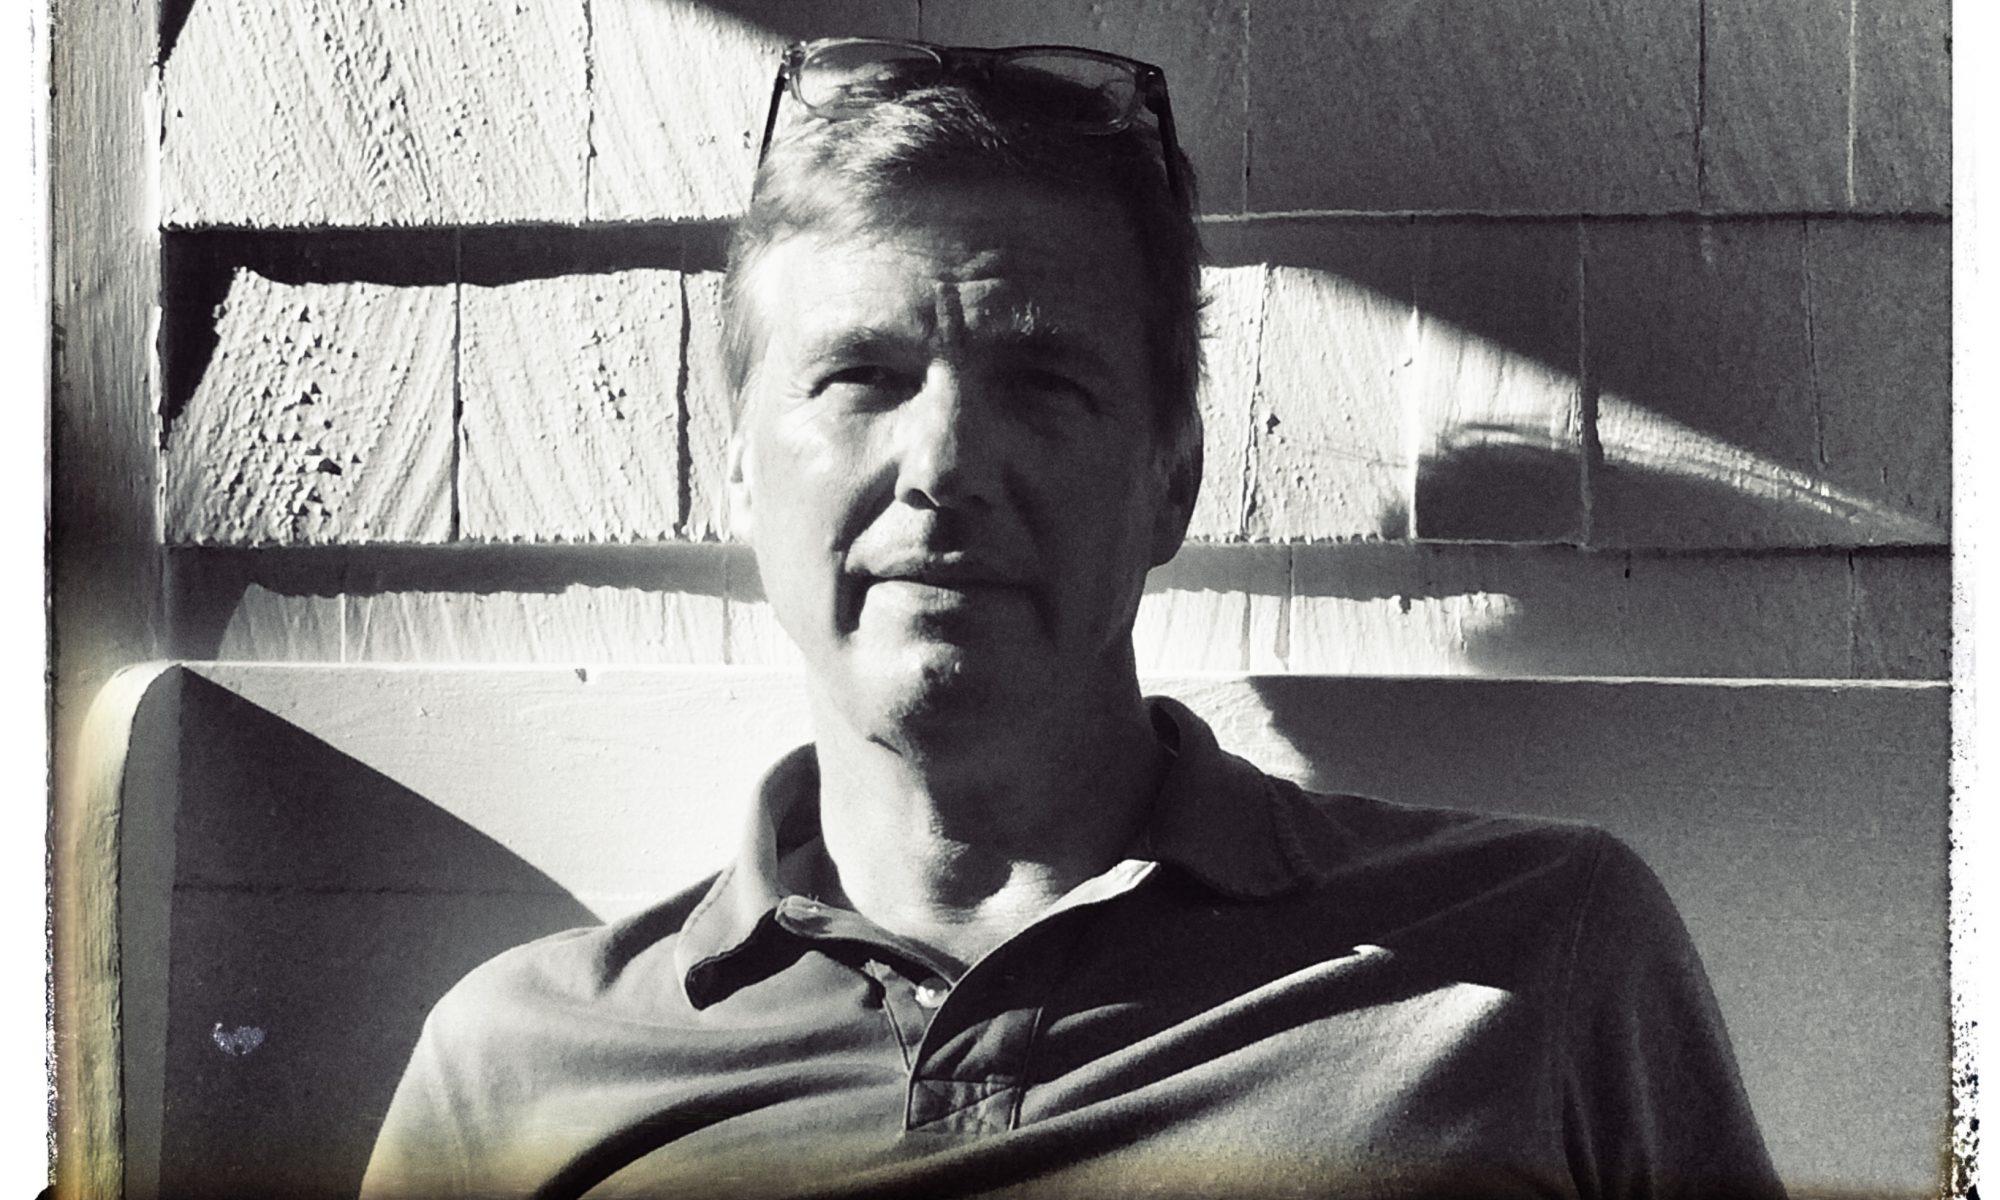 Doug Karlson